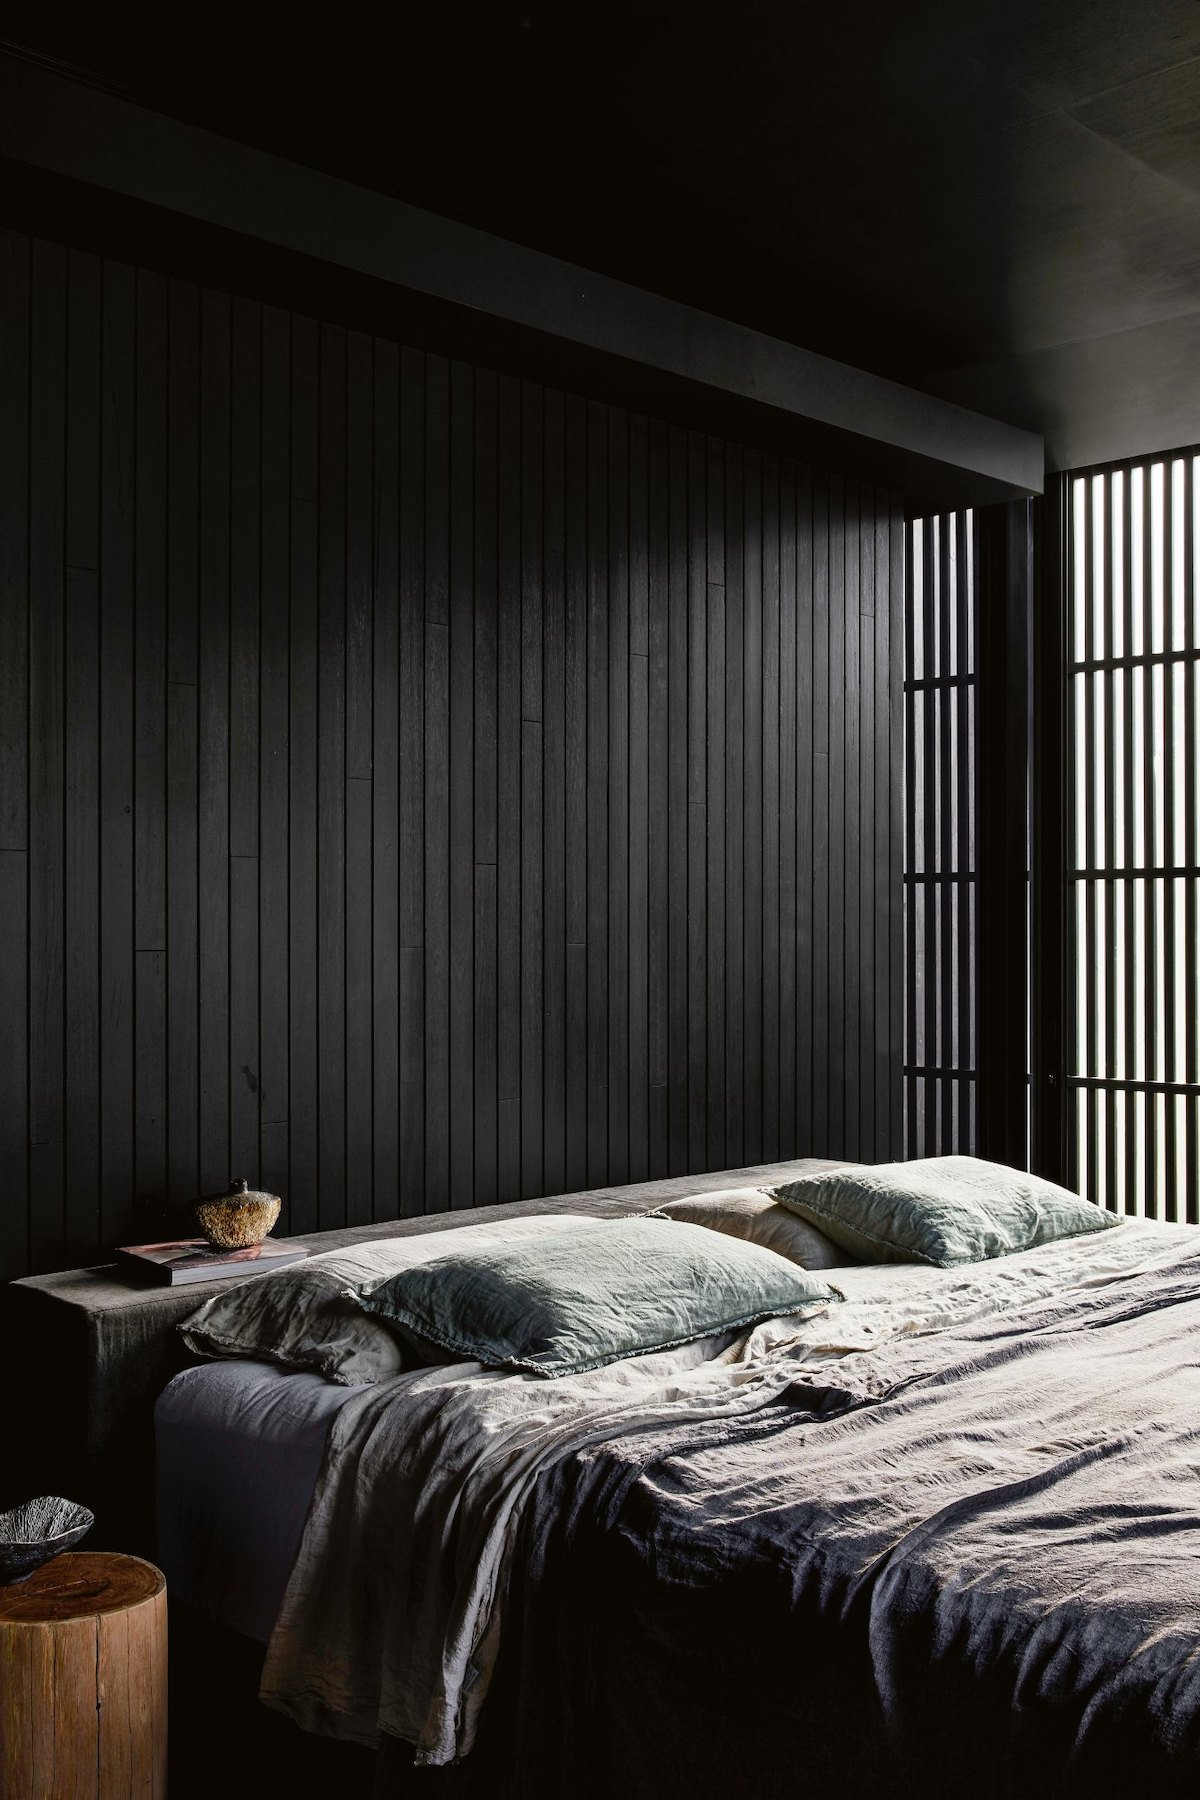 chambre noire décoration japandi minimaliste simple cloison amovible